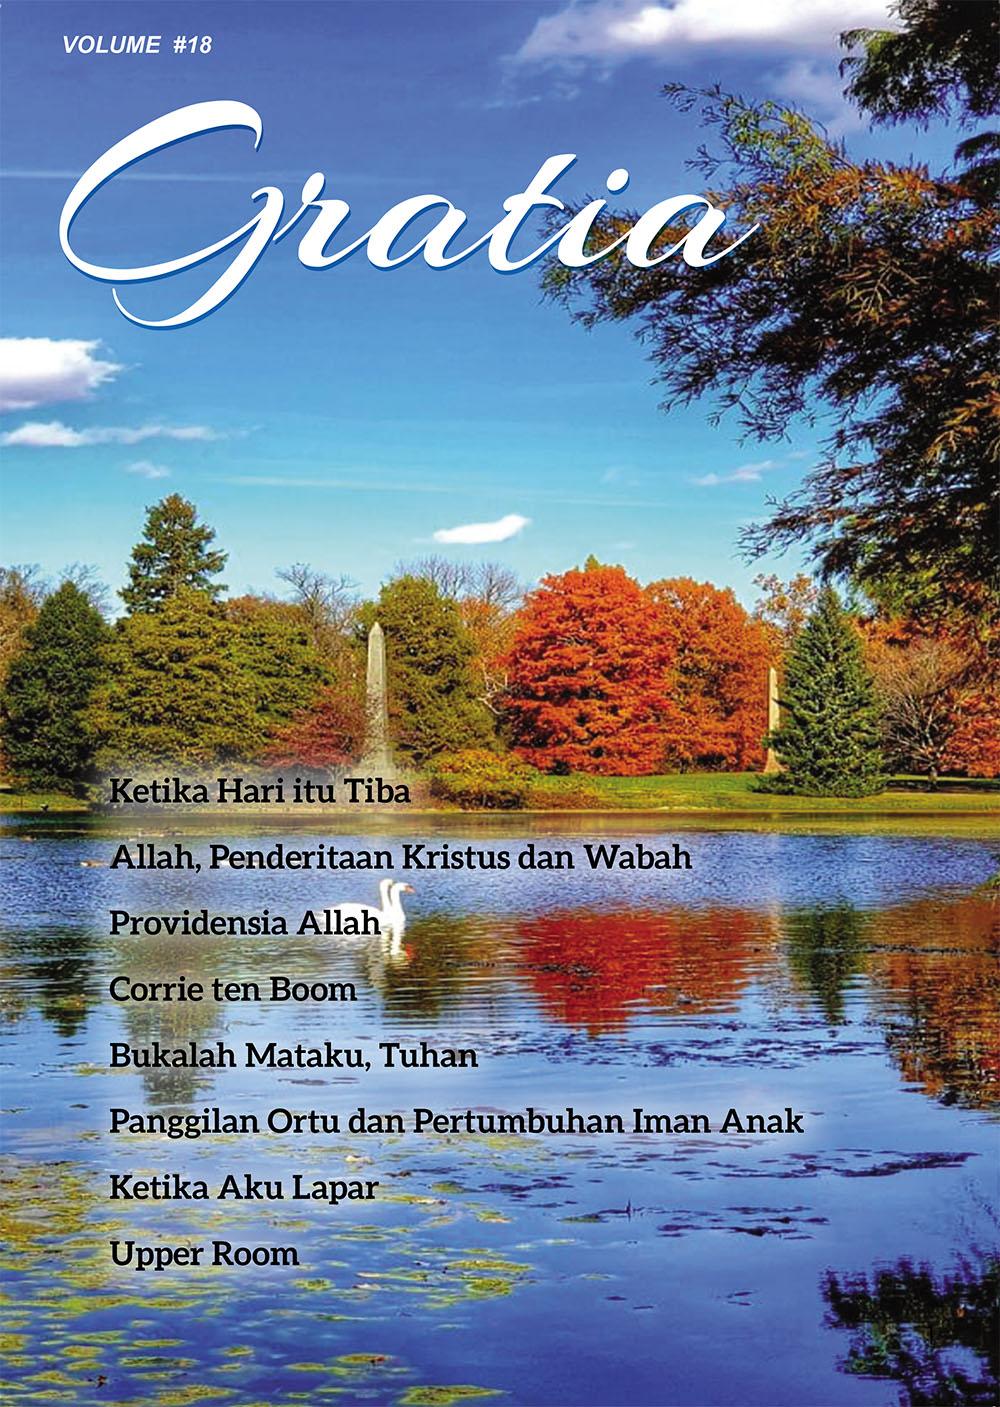 GRATIA 18 cover